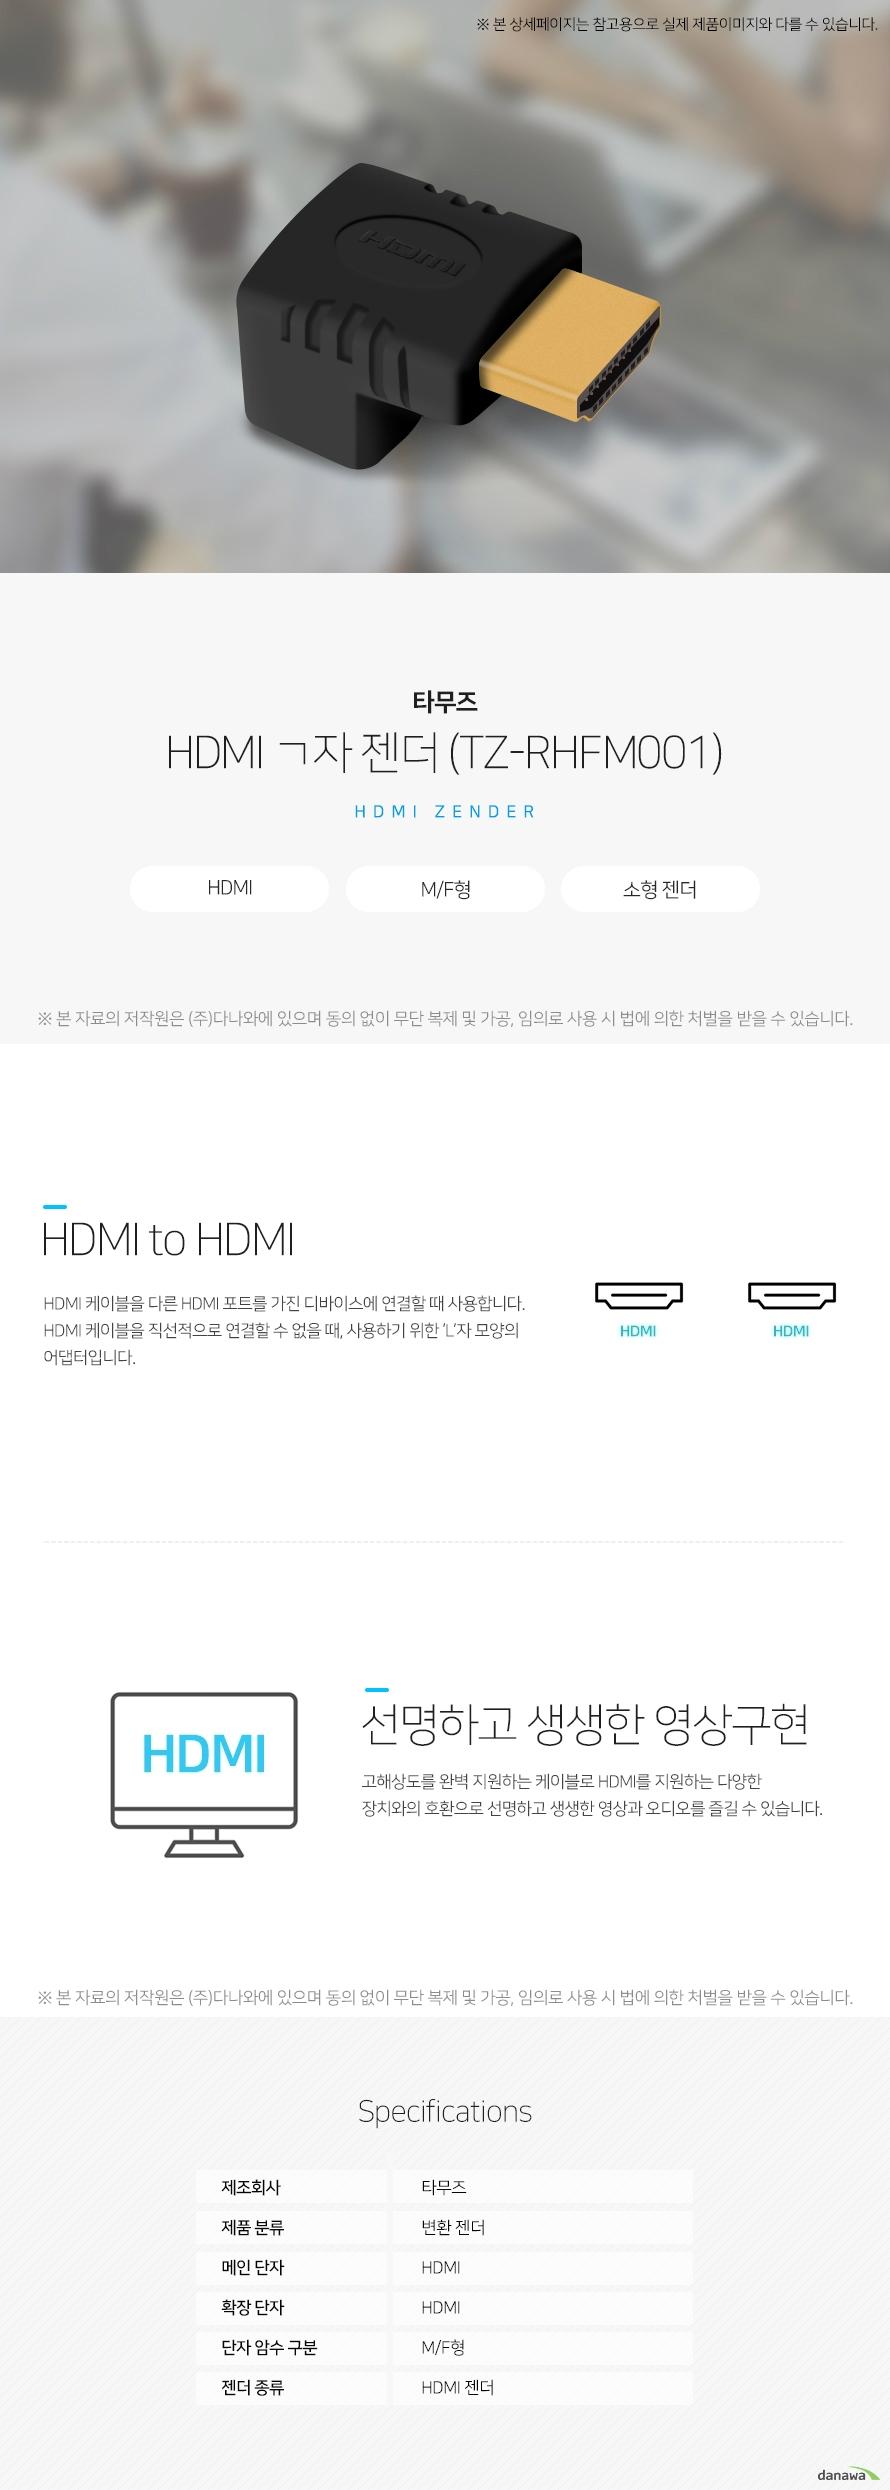 타무즈 HDMI ㄱ자 젠더 TZ-RHFM001 HDMI to HDMI HDMI 케이블을 다른 HDMI 포트를 가진 디바이스에 연결할 때 사용합니다. HDMI 케이블을 직선적으로 연결할 수 없을 때, 사용하기 위한 L자 모양의 어댑터입니다. 선명하고 생생한 영상구현 고해상도를 완벽 지원하는 케이블로 HDMI를 지원하는 다양한 장치와의 호환으로 선명하고 생생한 영상과 오디오를 즐길 수 있습니다. 스펙 제조회사 타무즈 제품분류 변환 젠더 메인 단자 HDMI 확장 단자 HDMI 단자 암수구분 MF형 젠더 종류 HDMI 젠더